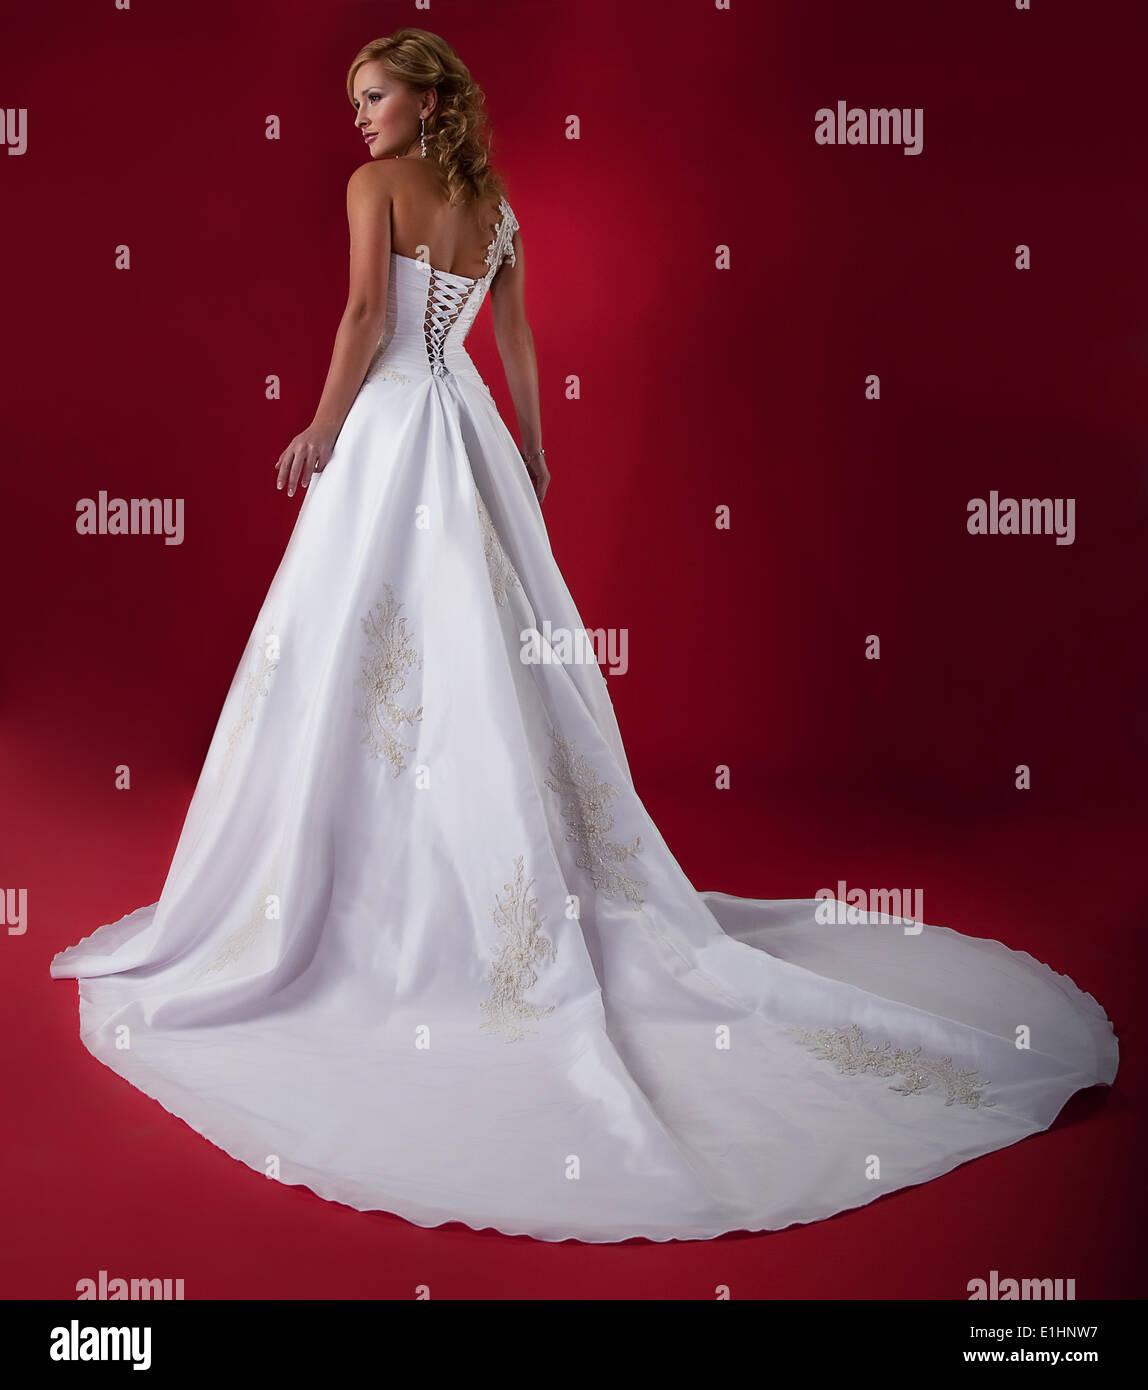 Modische blonde junge Braut im langen weißen Brautkleid auf rotem Grund. Studio gedreht Stockbild